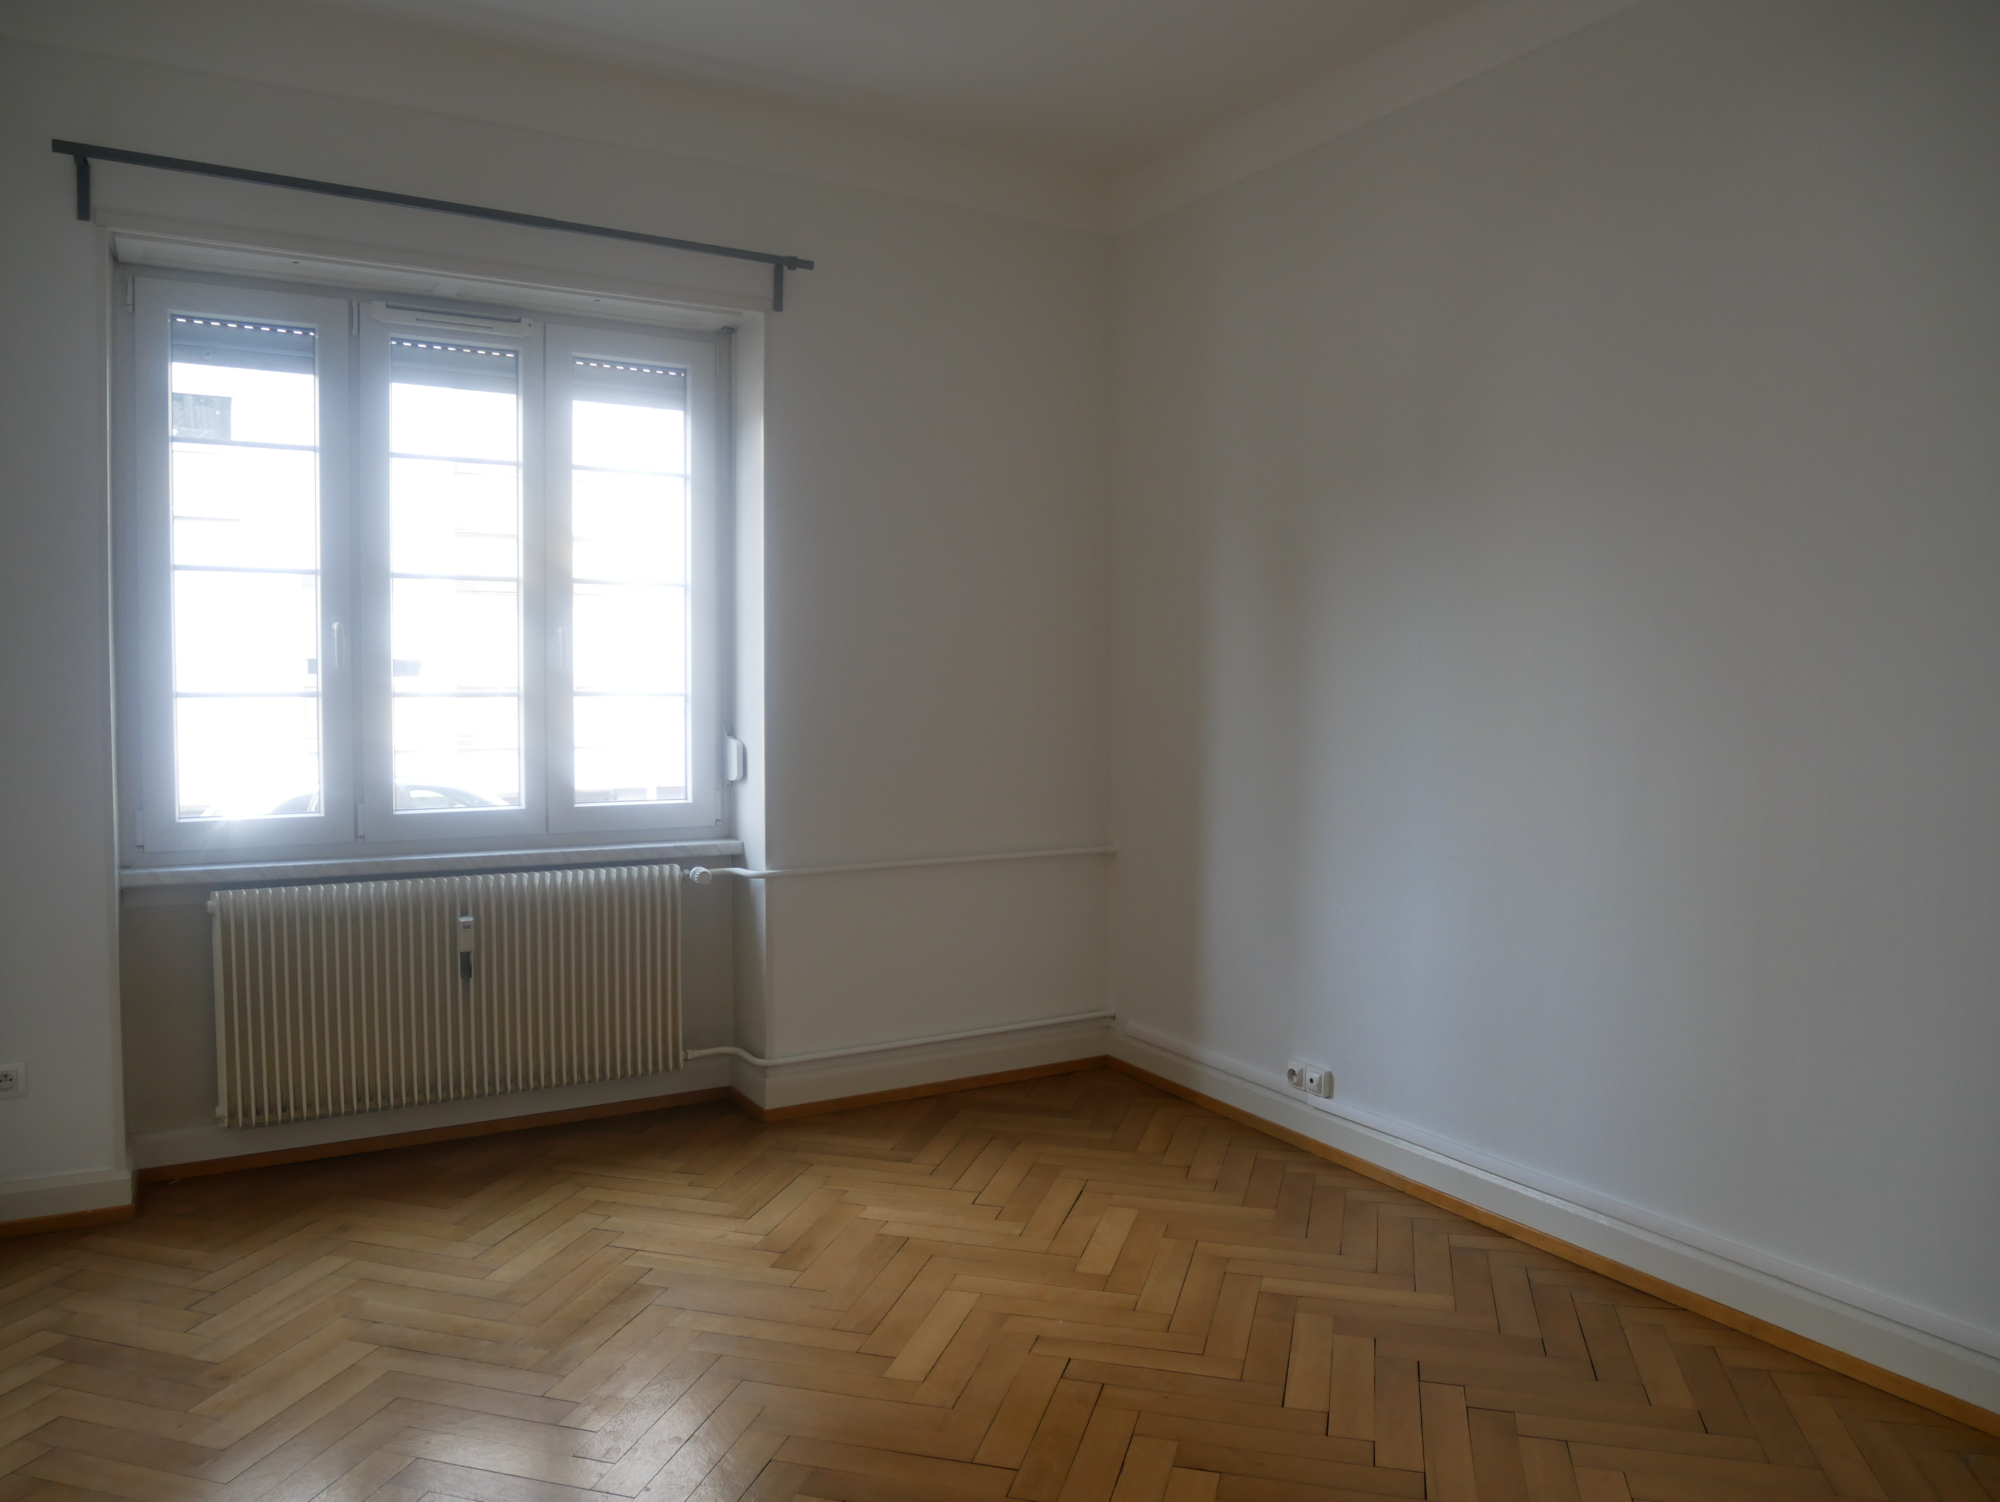 [Locomotive] 2 pièces avec balcon - Gare / rue de Marlenheim - nos locations - Beausite Immobilier 3